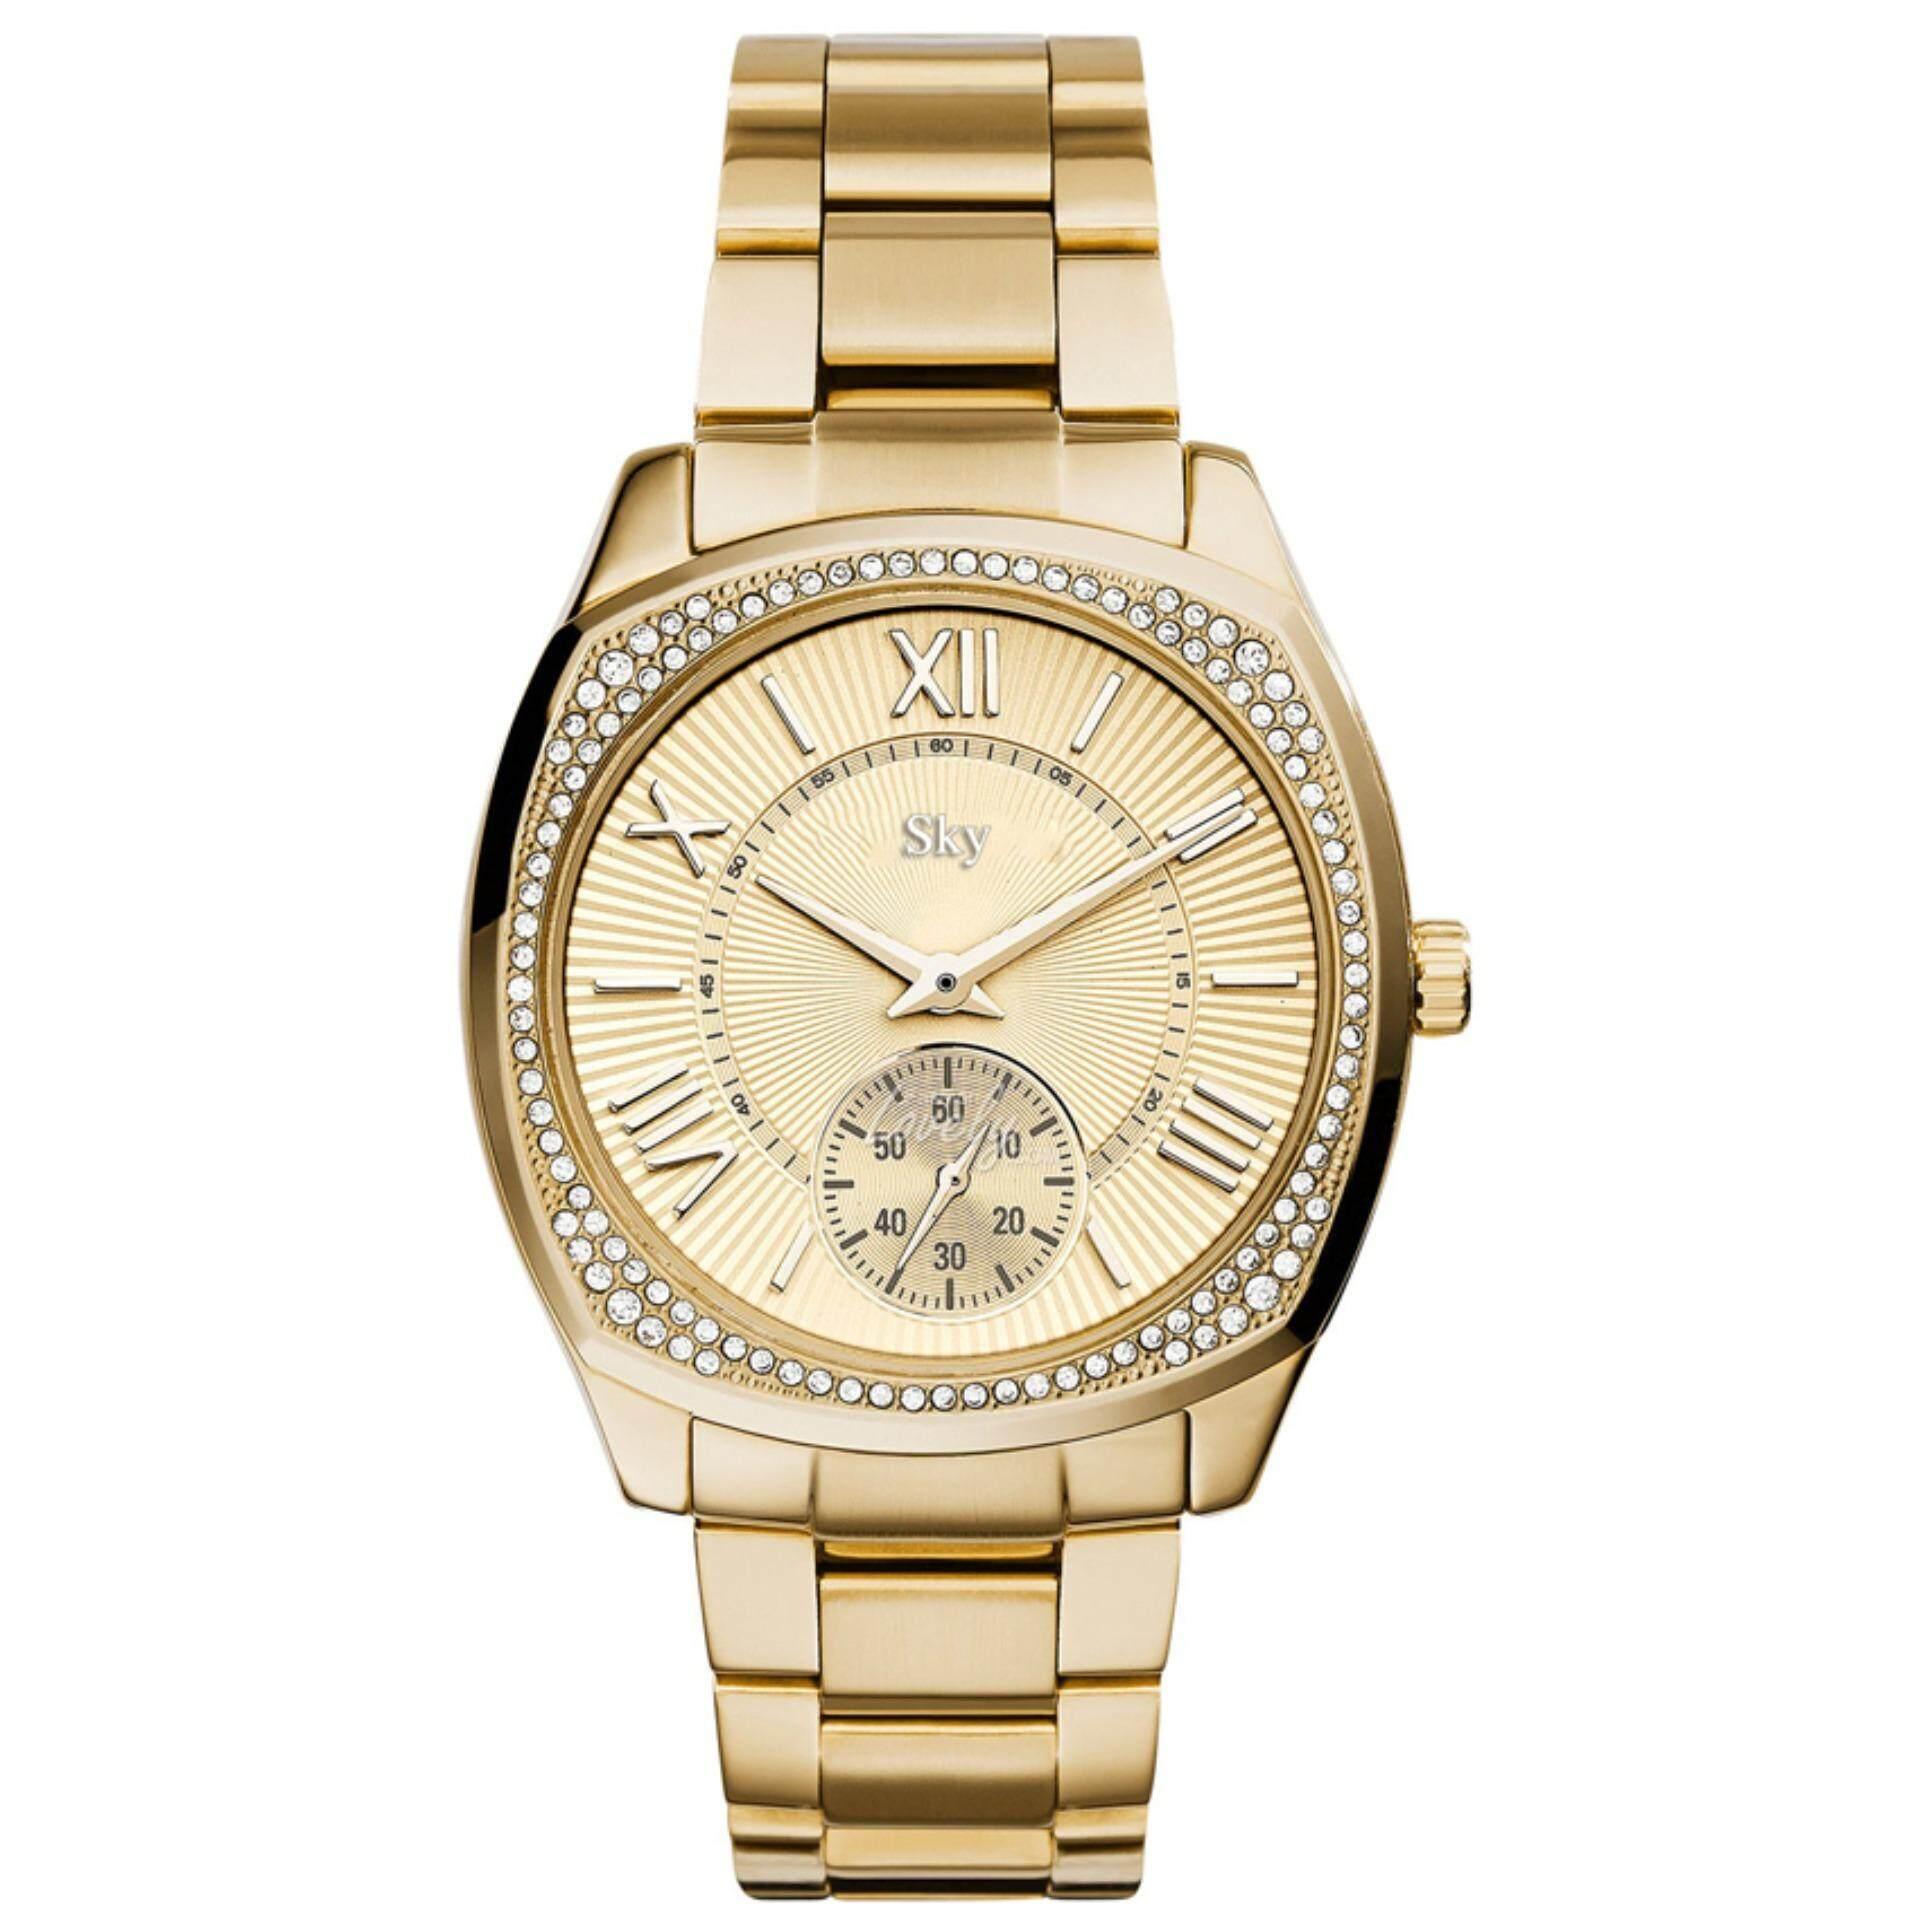 ราคา Sky นาฬิกาข้อมือ สายแสตนเลส หน้าปัดฝังเพชร สุดหรู ด้านในหน้าปัดดีไซน์สวย รุ่น Zd 0152 สีทอง Gold เป็นต้นฉบับ